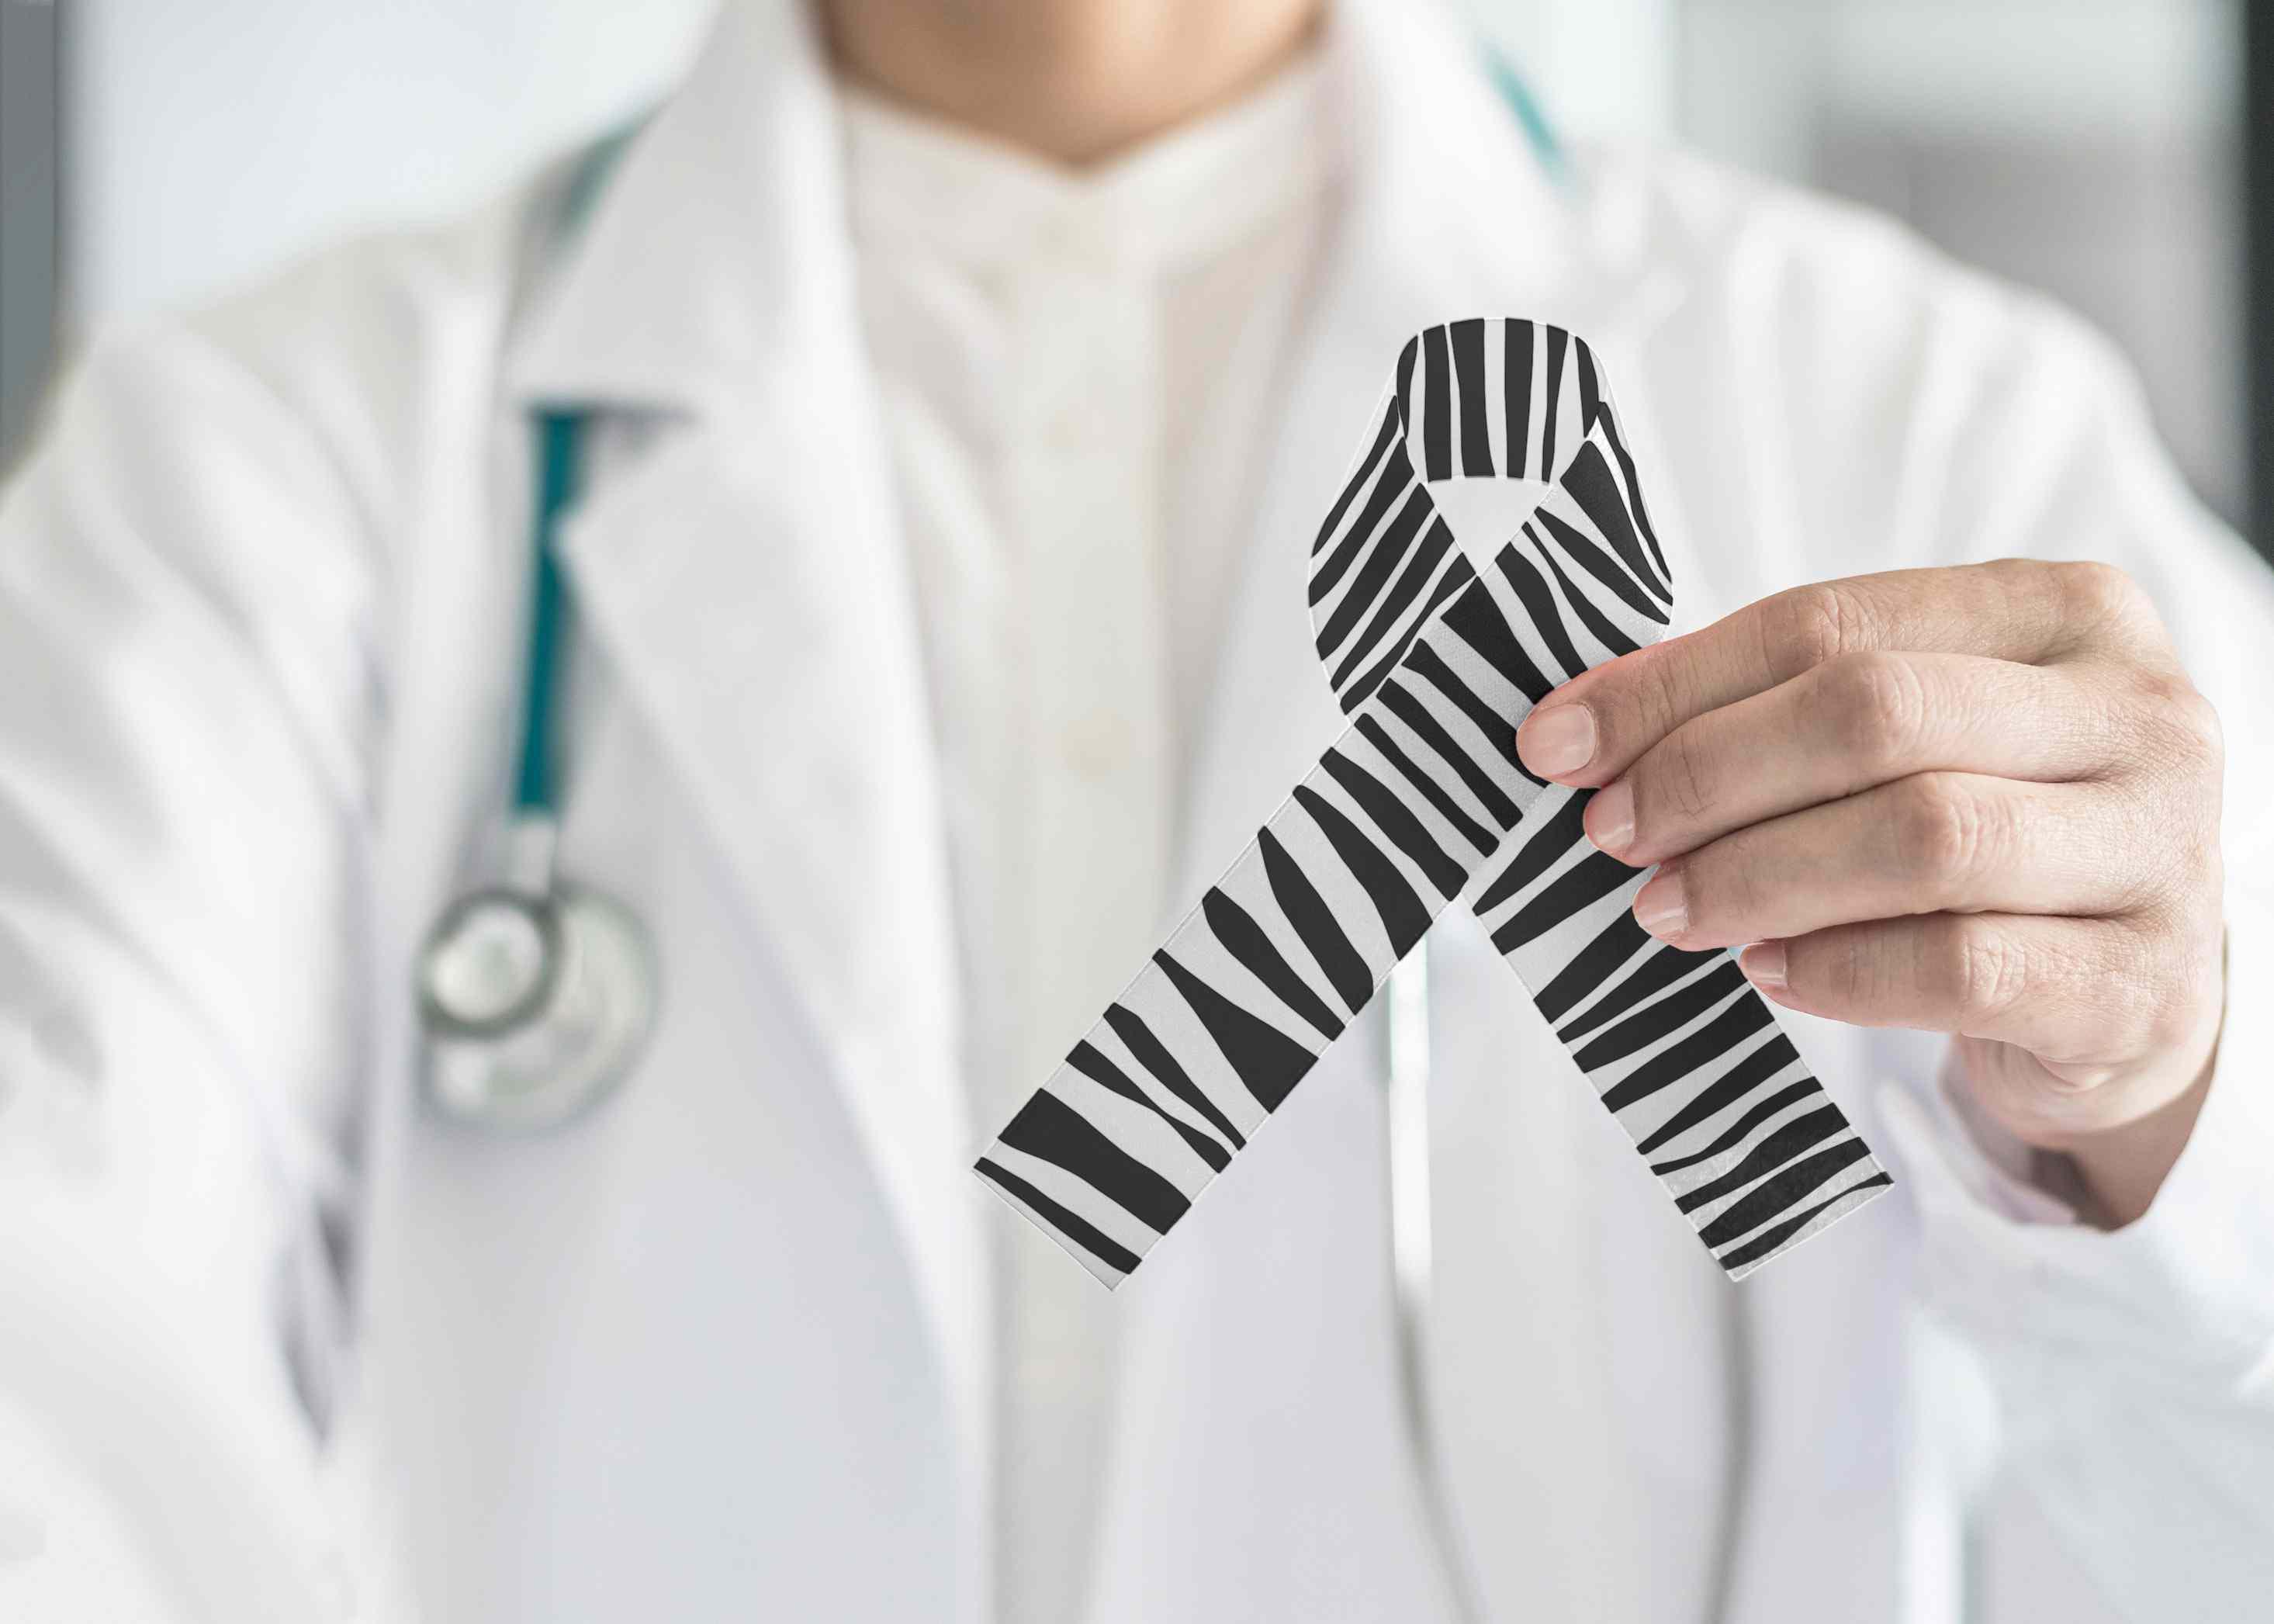 neuroendocrine cancer prevention